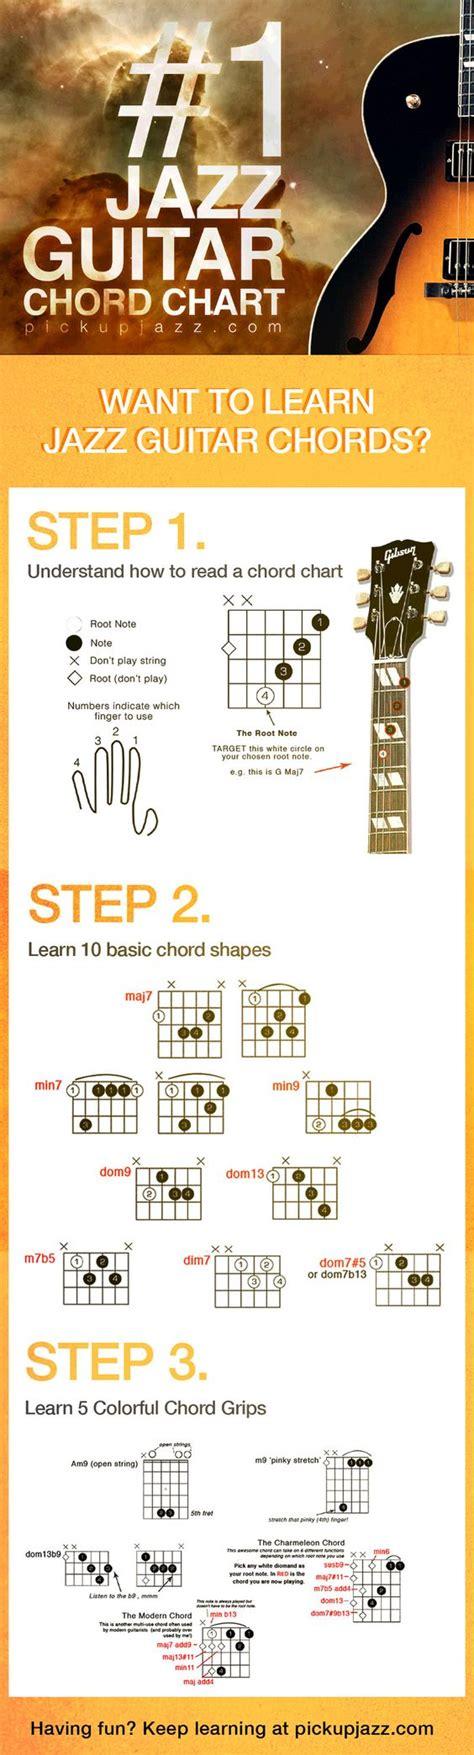 tutorial belajar gitar jazz prinsip dasar belajar kunci gitar jazz yang harus dipahami